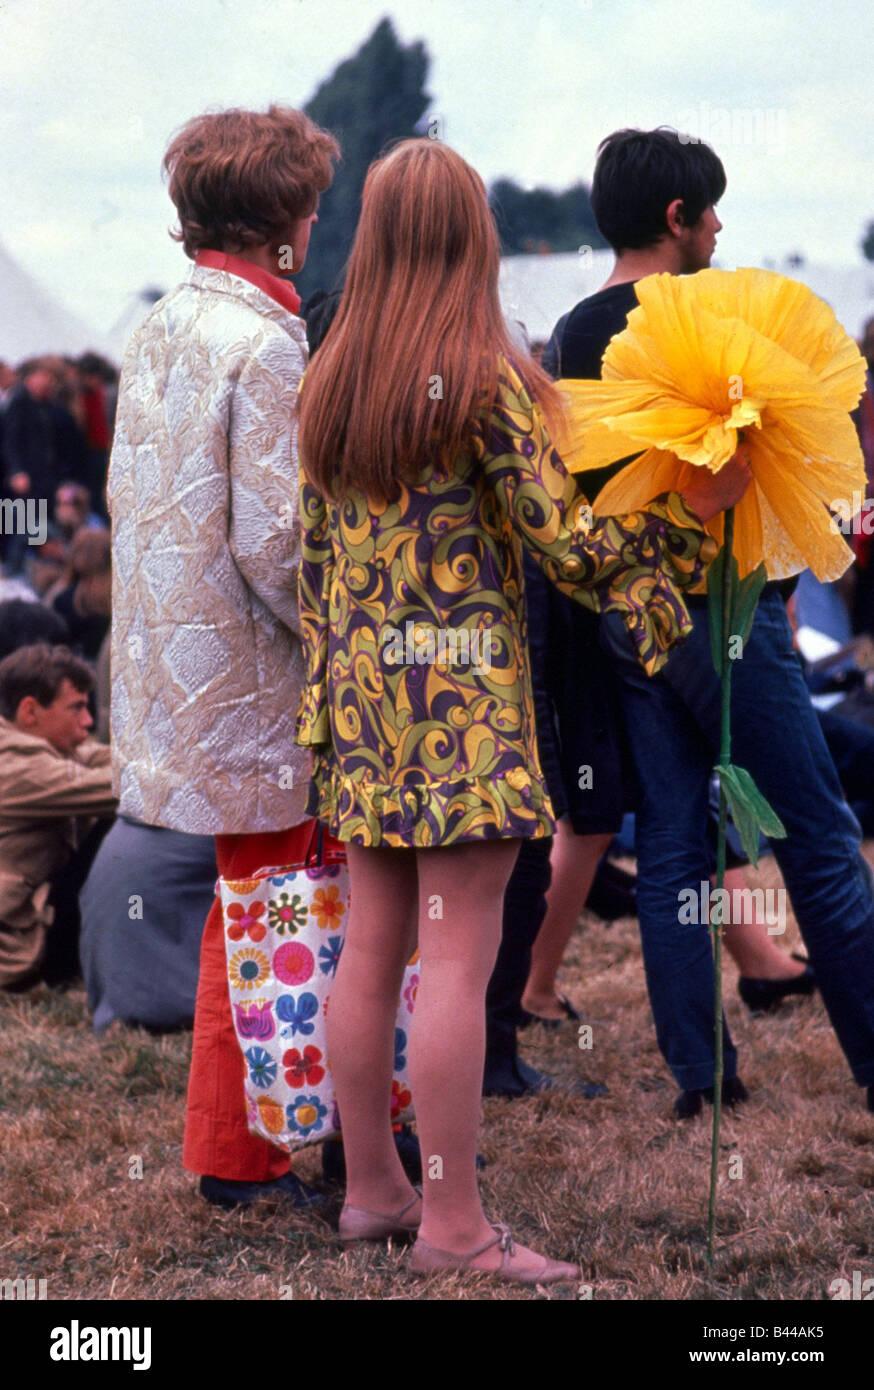 27d28ebf247a Festival de la flor niños hippies hippie con flores amarillas grandes  gigantes Windsor Jazz Festival en